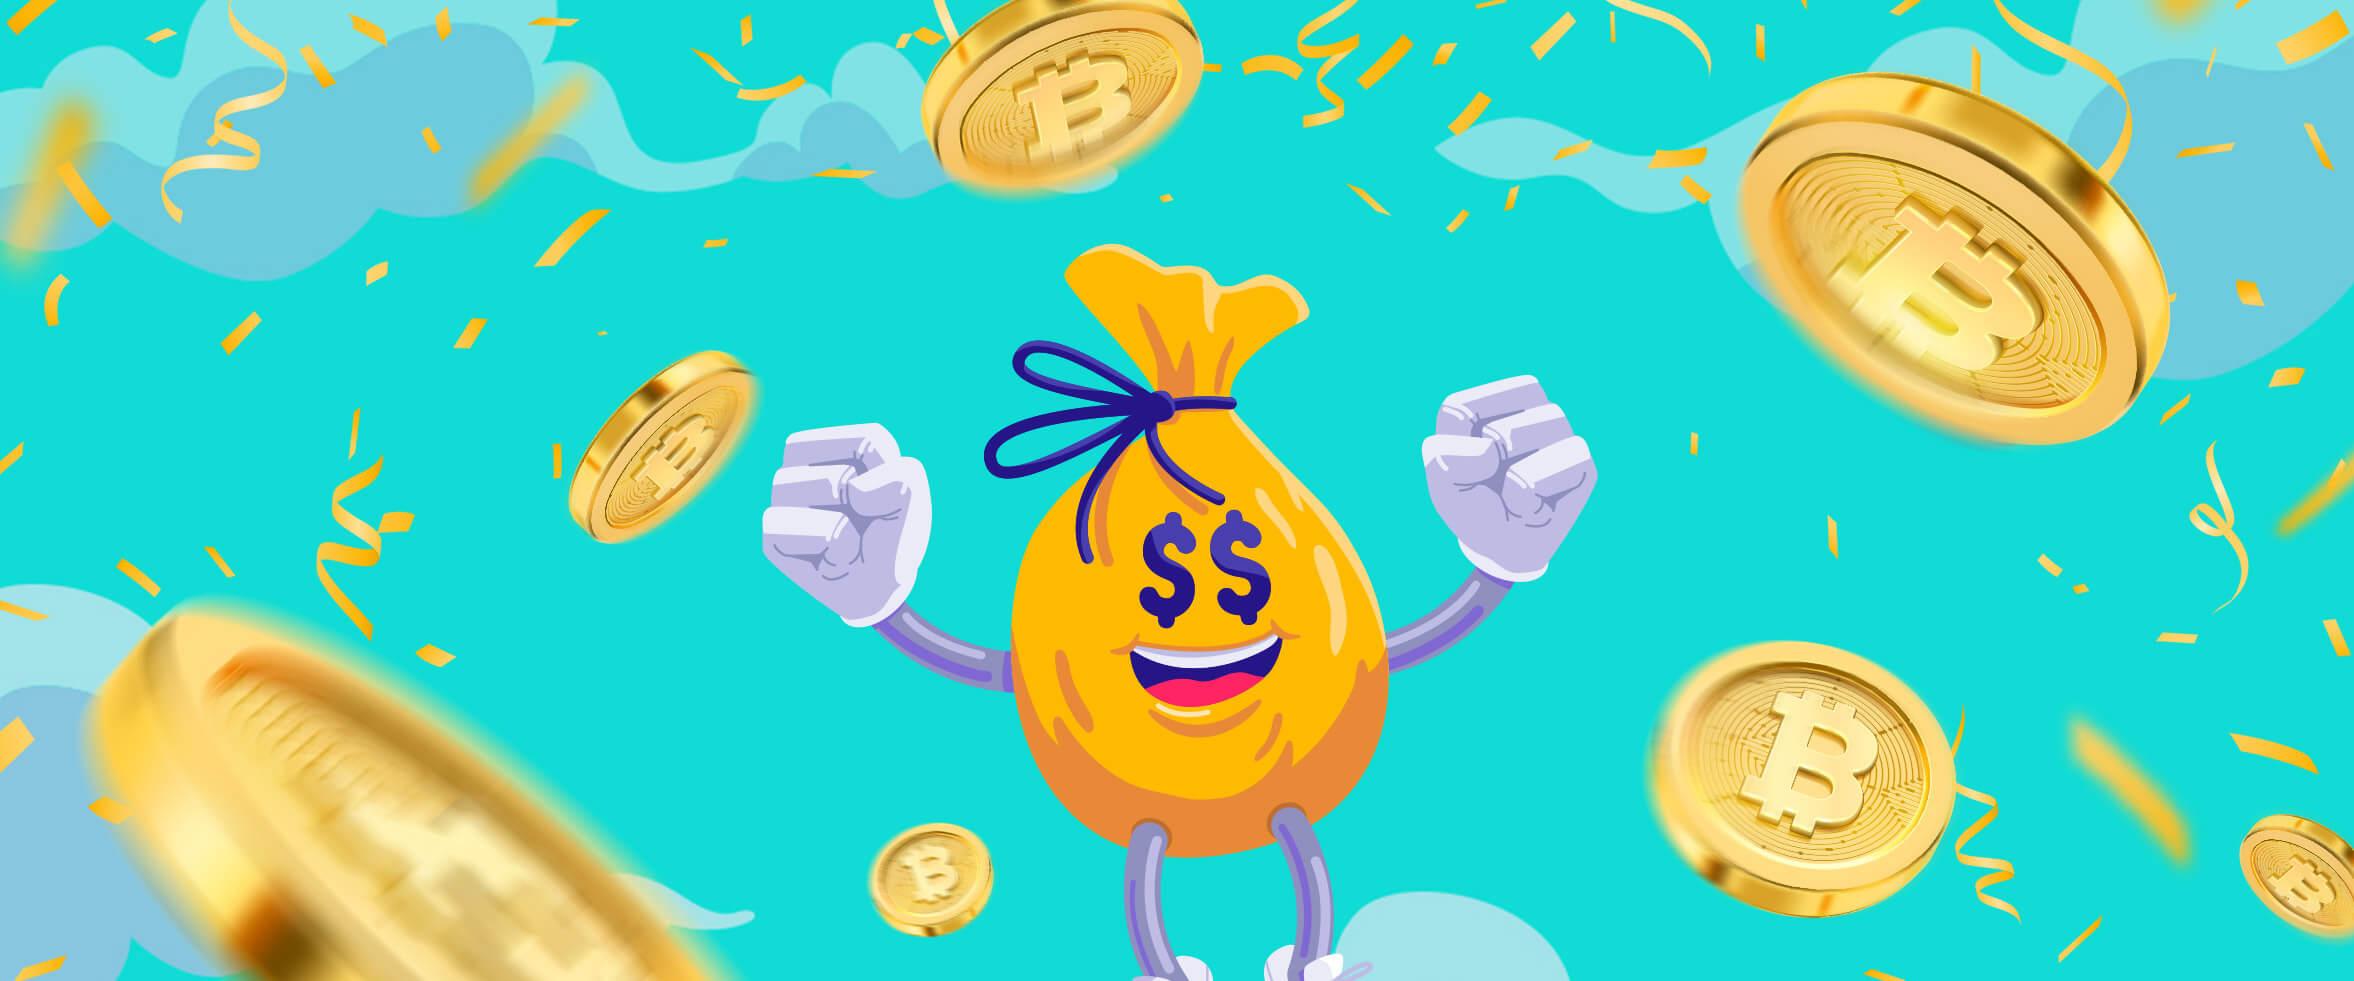 caxino bitcoin promo